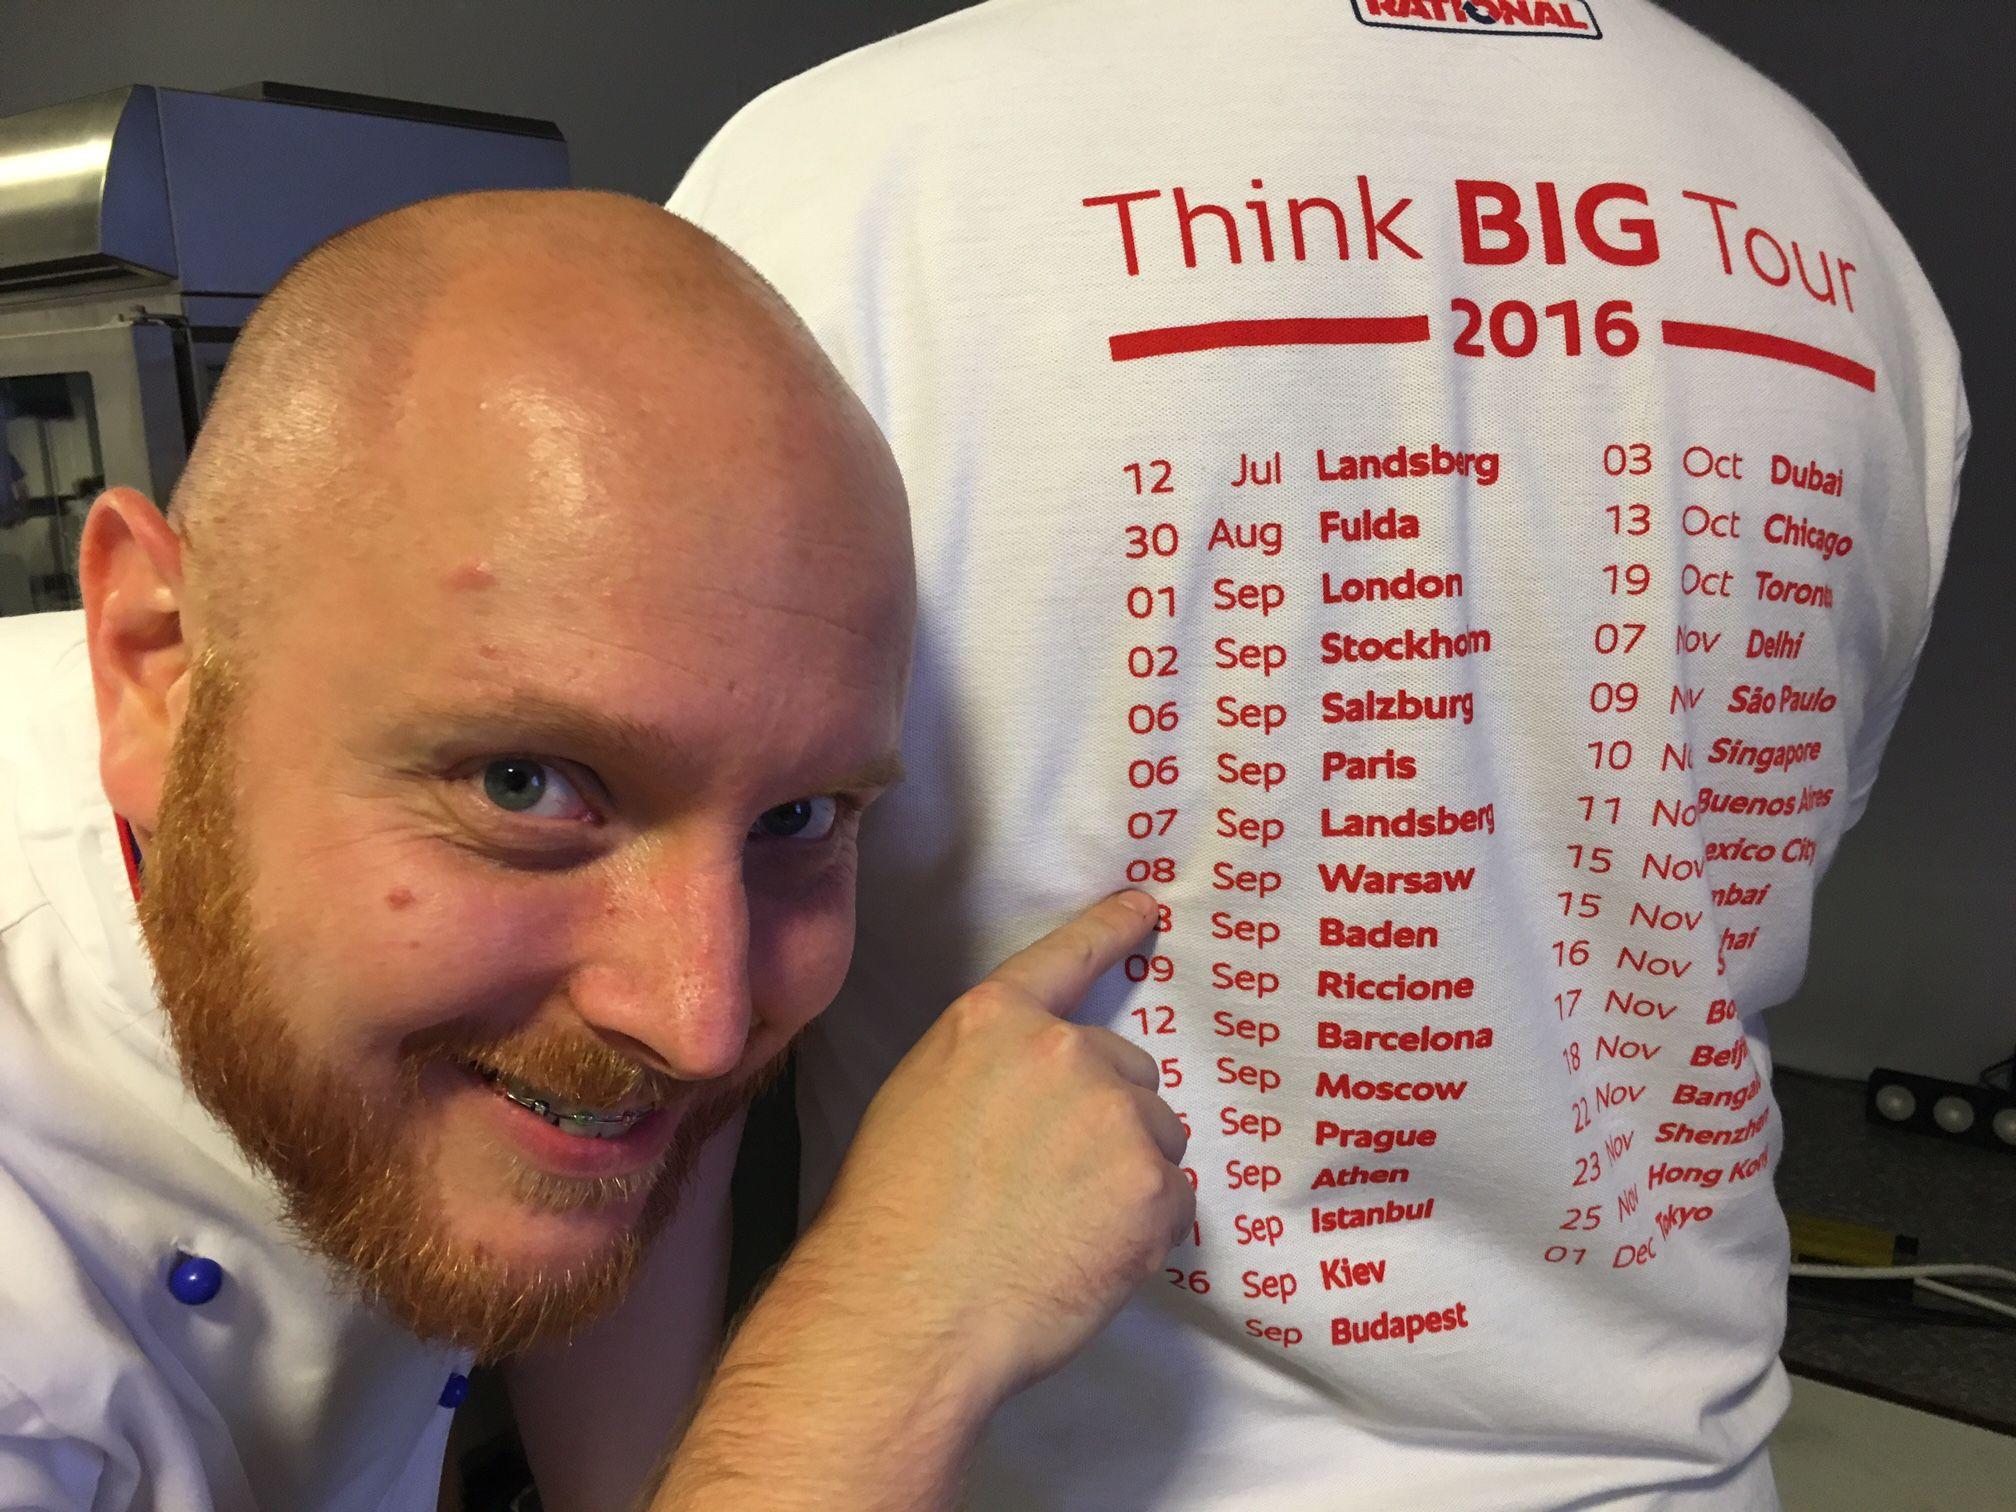 #ThinkBIGTour2016 Poland